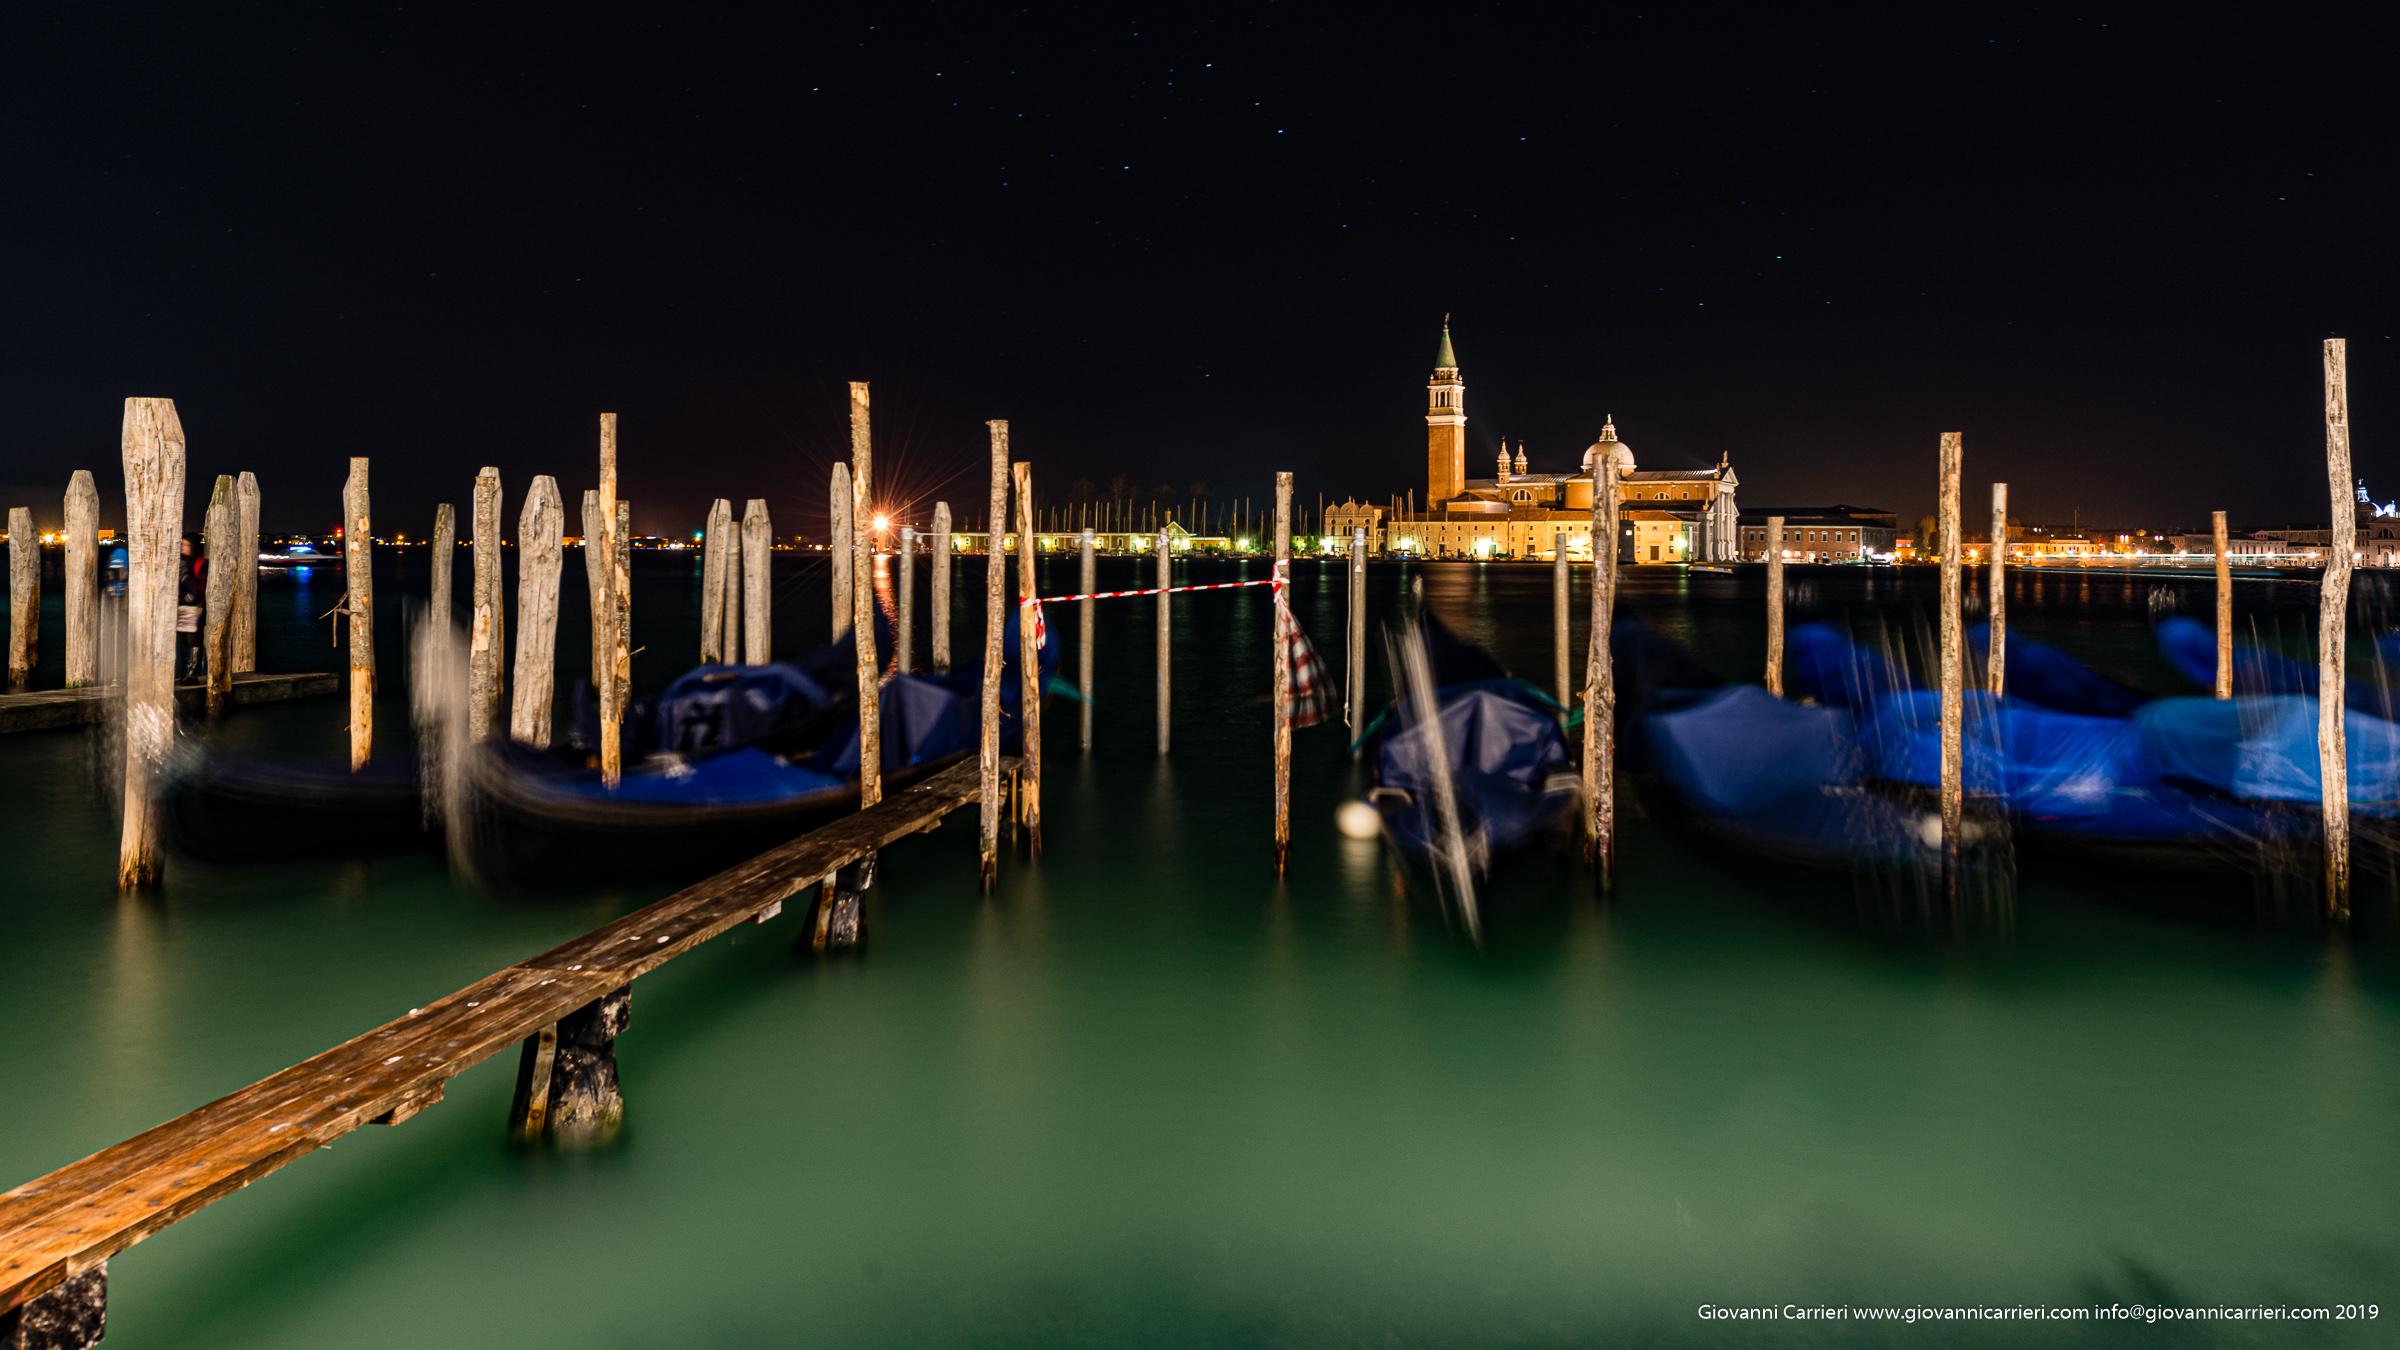 La chiesa di San Giorgio Maggiore vista da Riva degli Schiavoni - Venezia